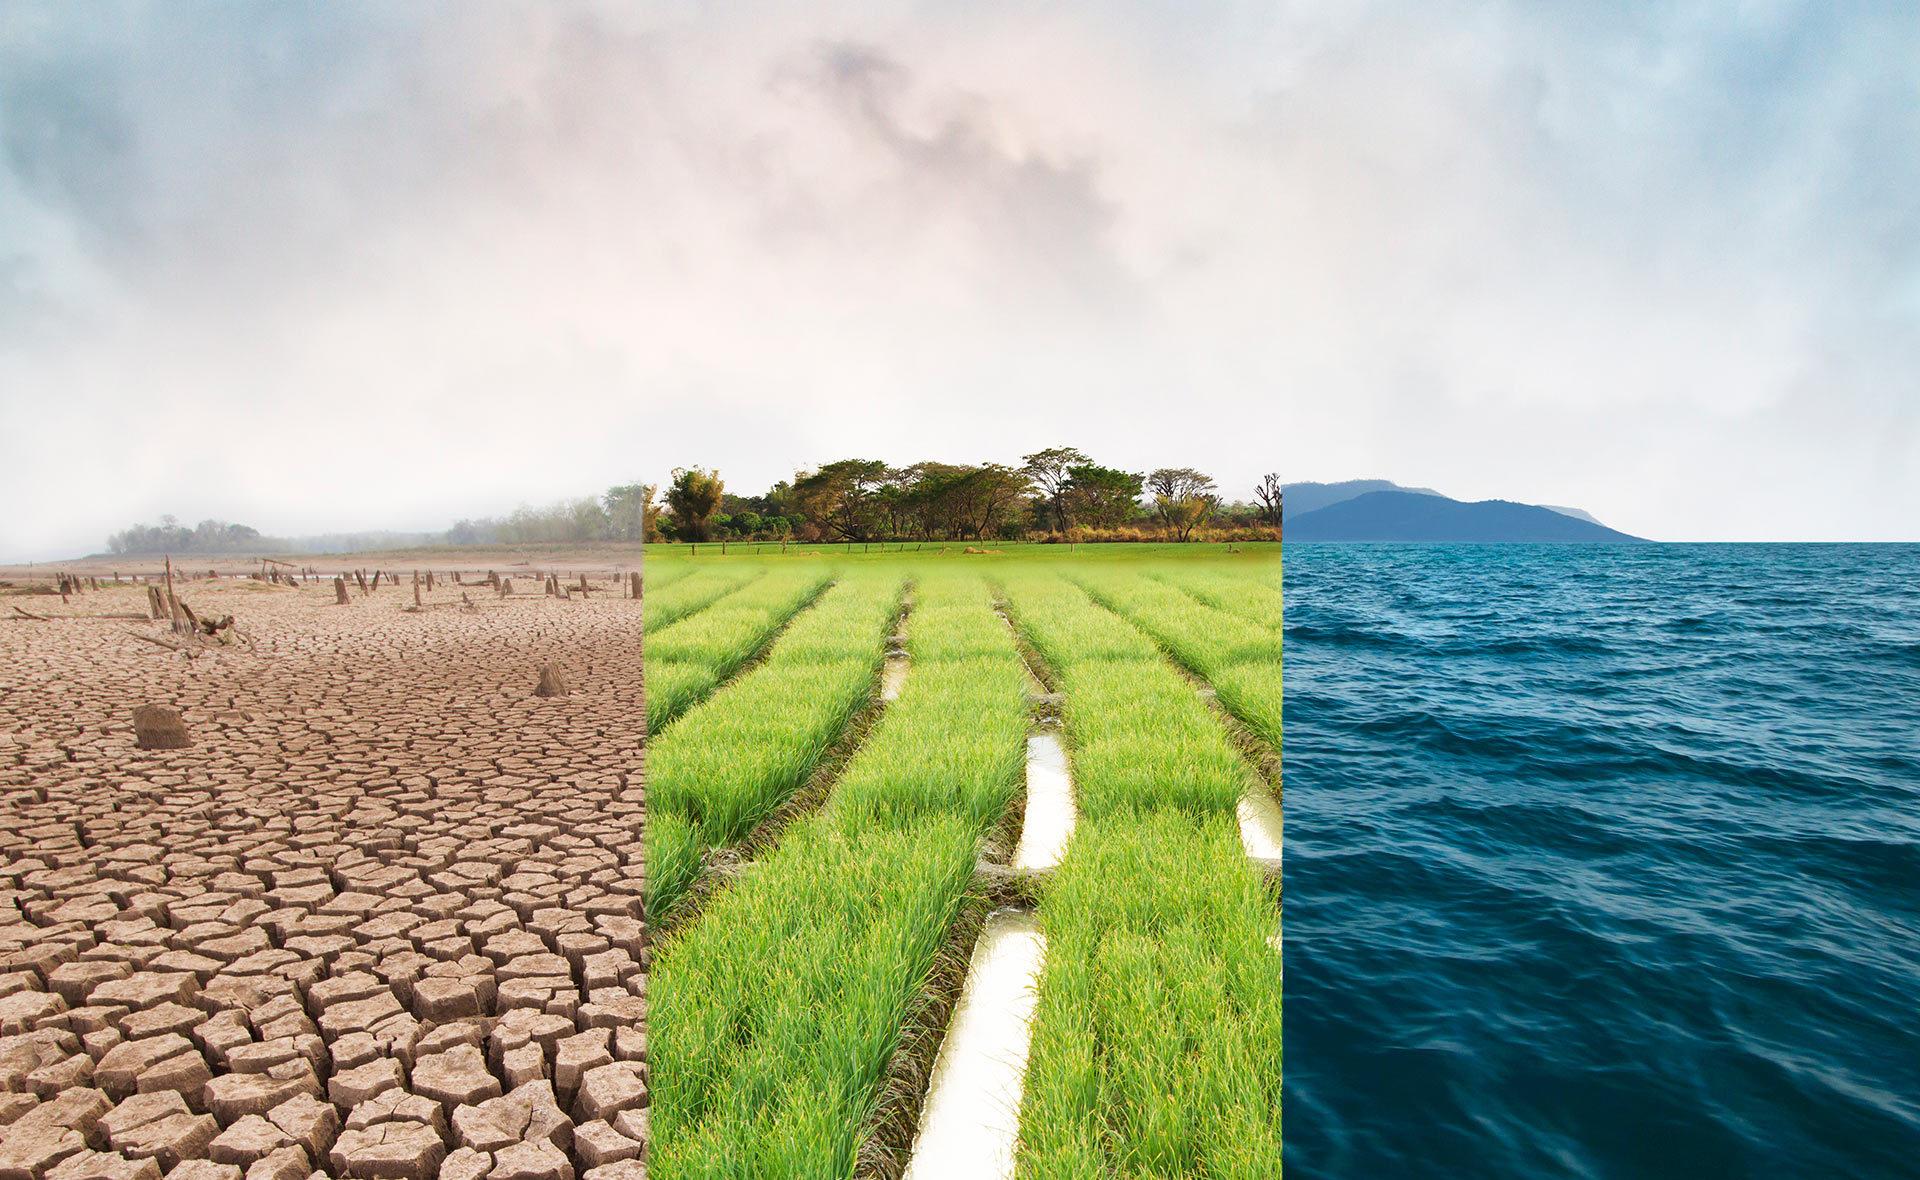 BBVA-acuerdo-por-el-clima-sostenibilidad-acuerdo-cambio-climatico